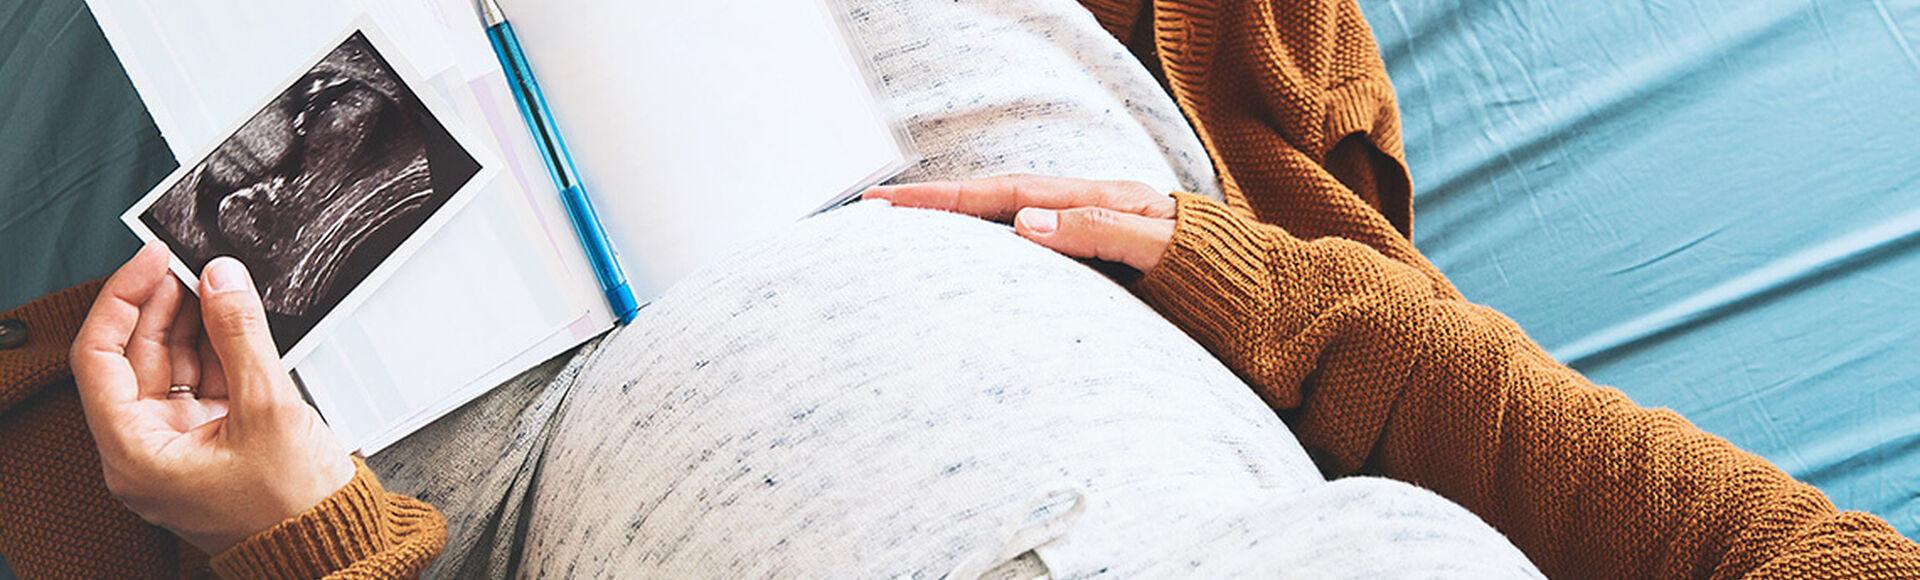 ¿Por qué se presentan malformaciones en el utero? | Más Abrazos by Huggies